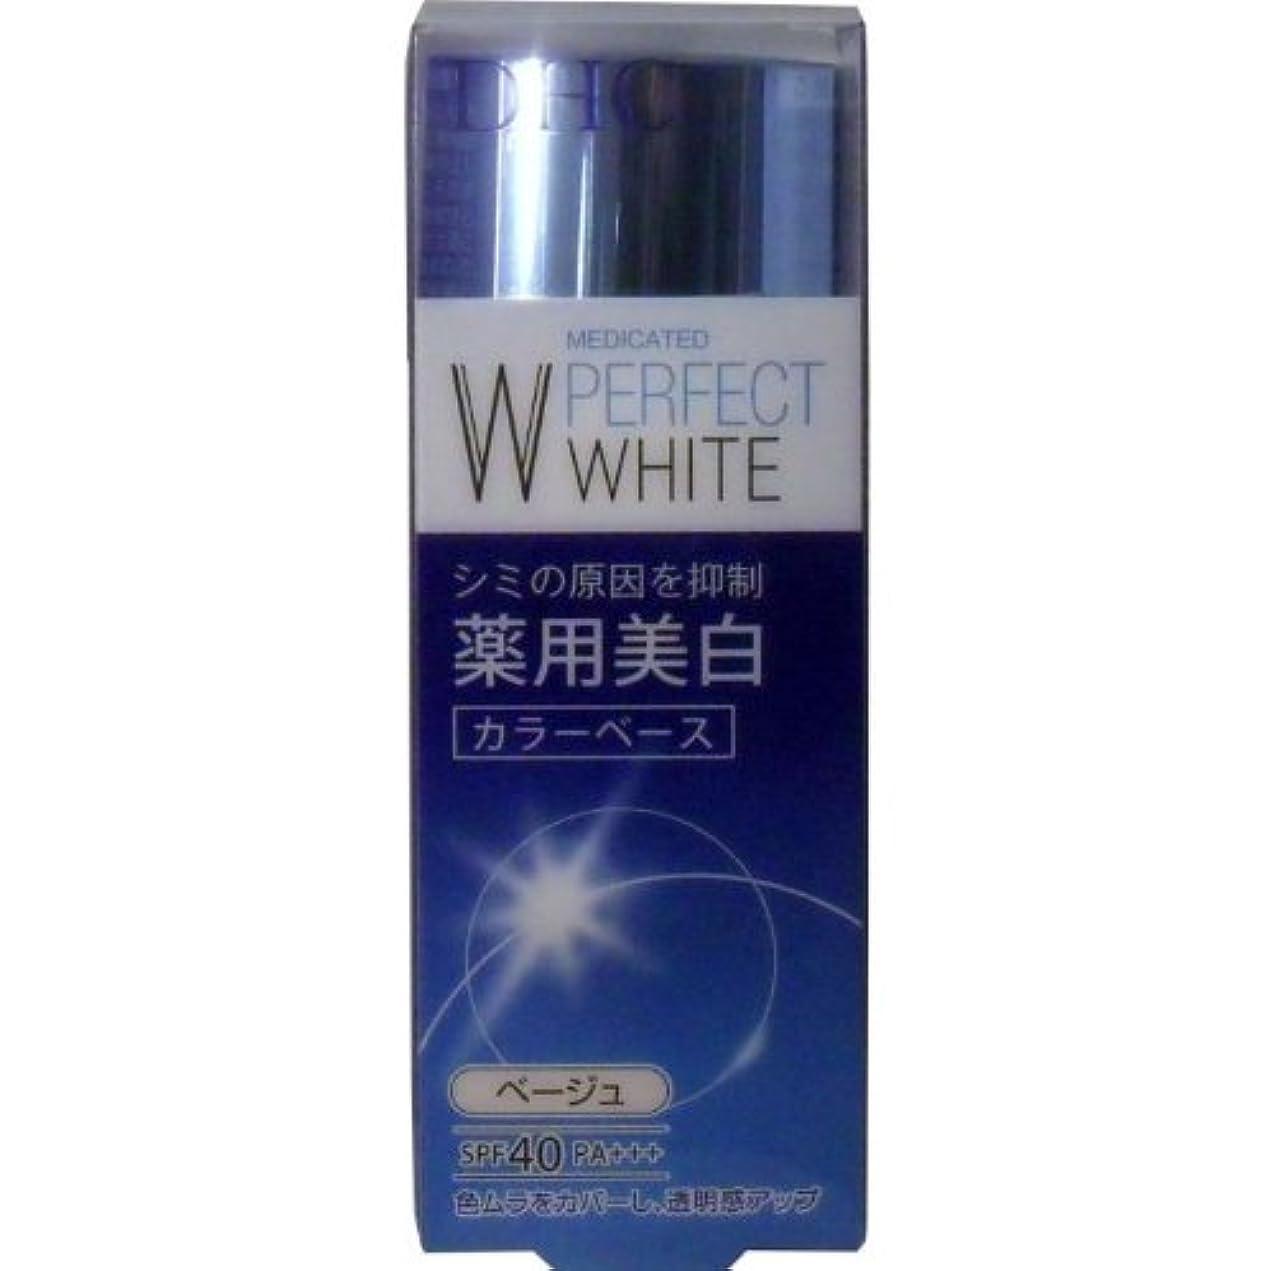 感情のサイレント良性DHC 薬用美白パーフェクトホワイト カラーベース ベージュ 30g